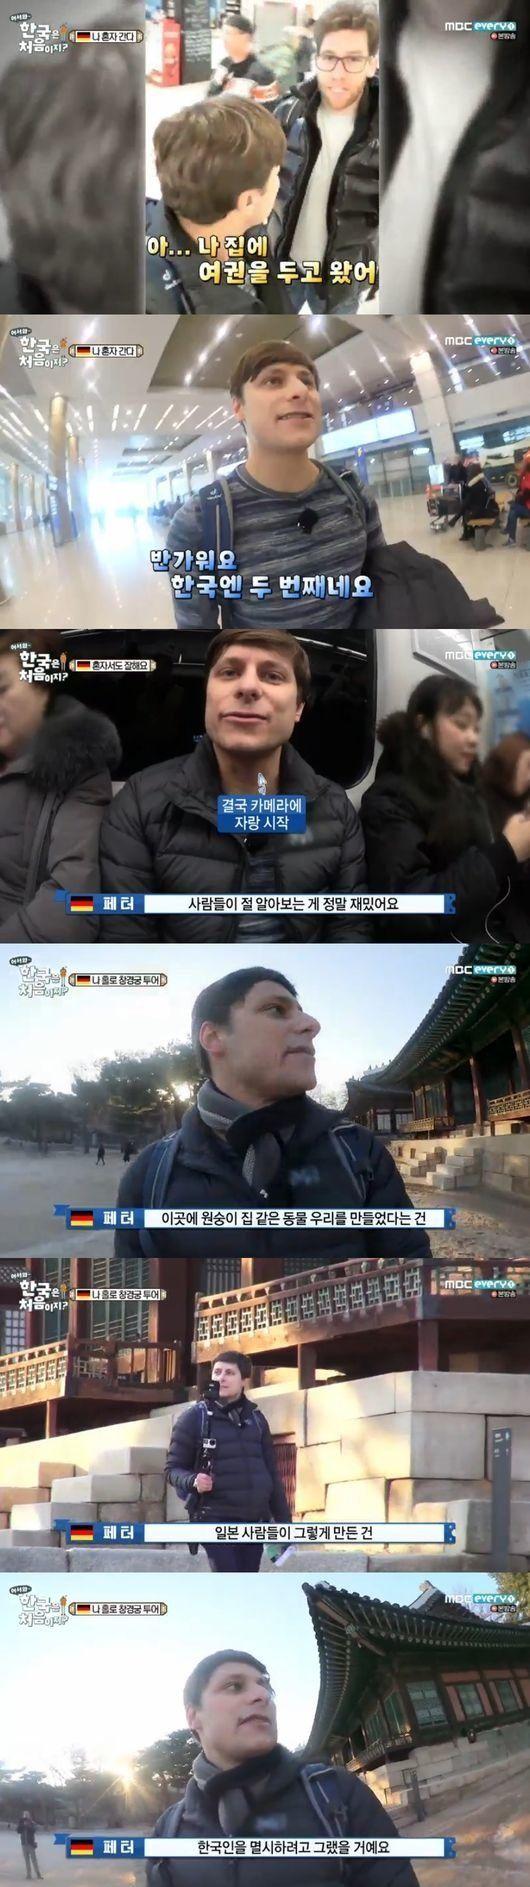 [어저께TV] '어서와' 나홀로 페터, #일당백